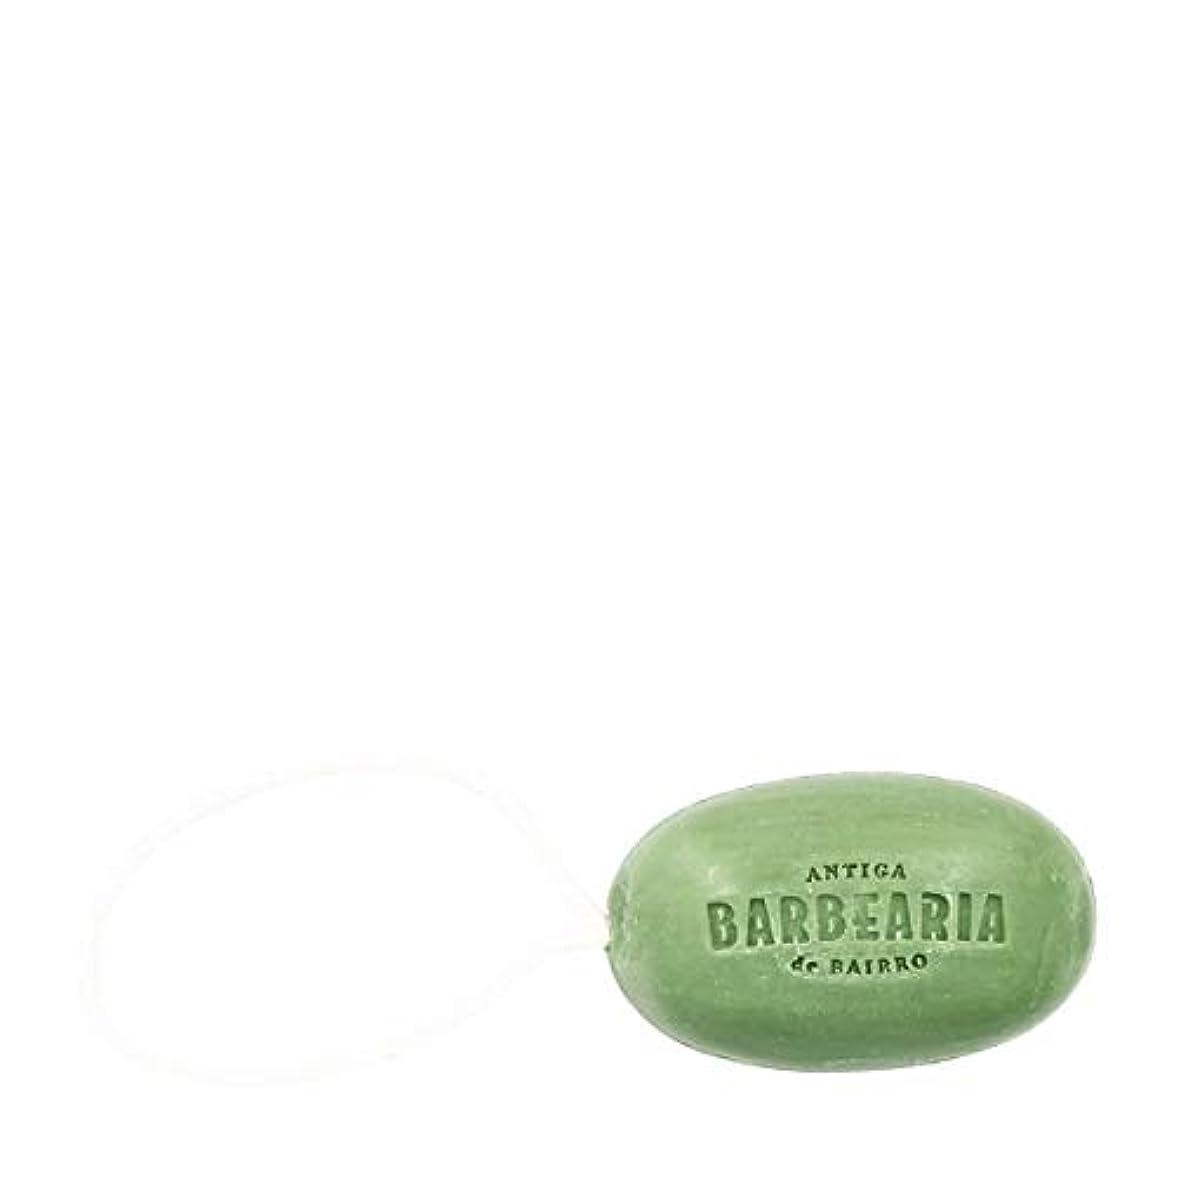 受け入れ表面忠誠アンティガ?バーベリア(Antiga Barbearia de Bairro)プリンシペソープロープ350g[海外直送品] [並行輸入品]